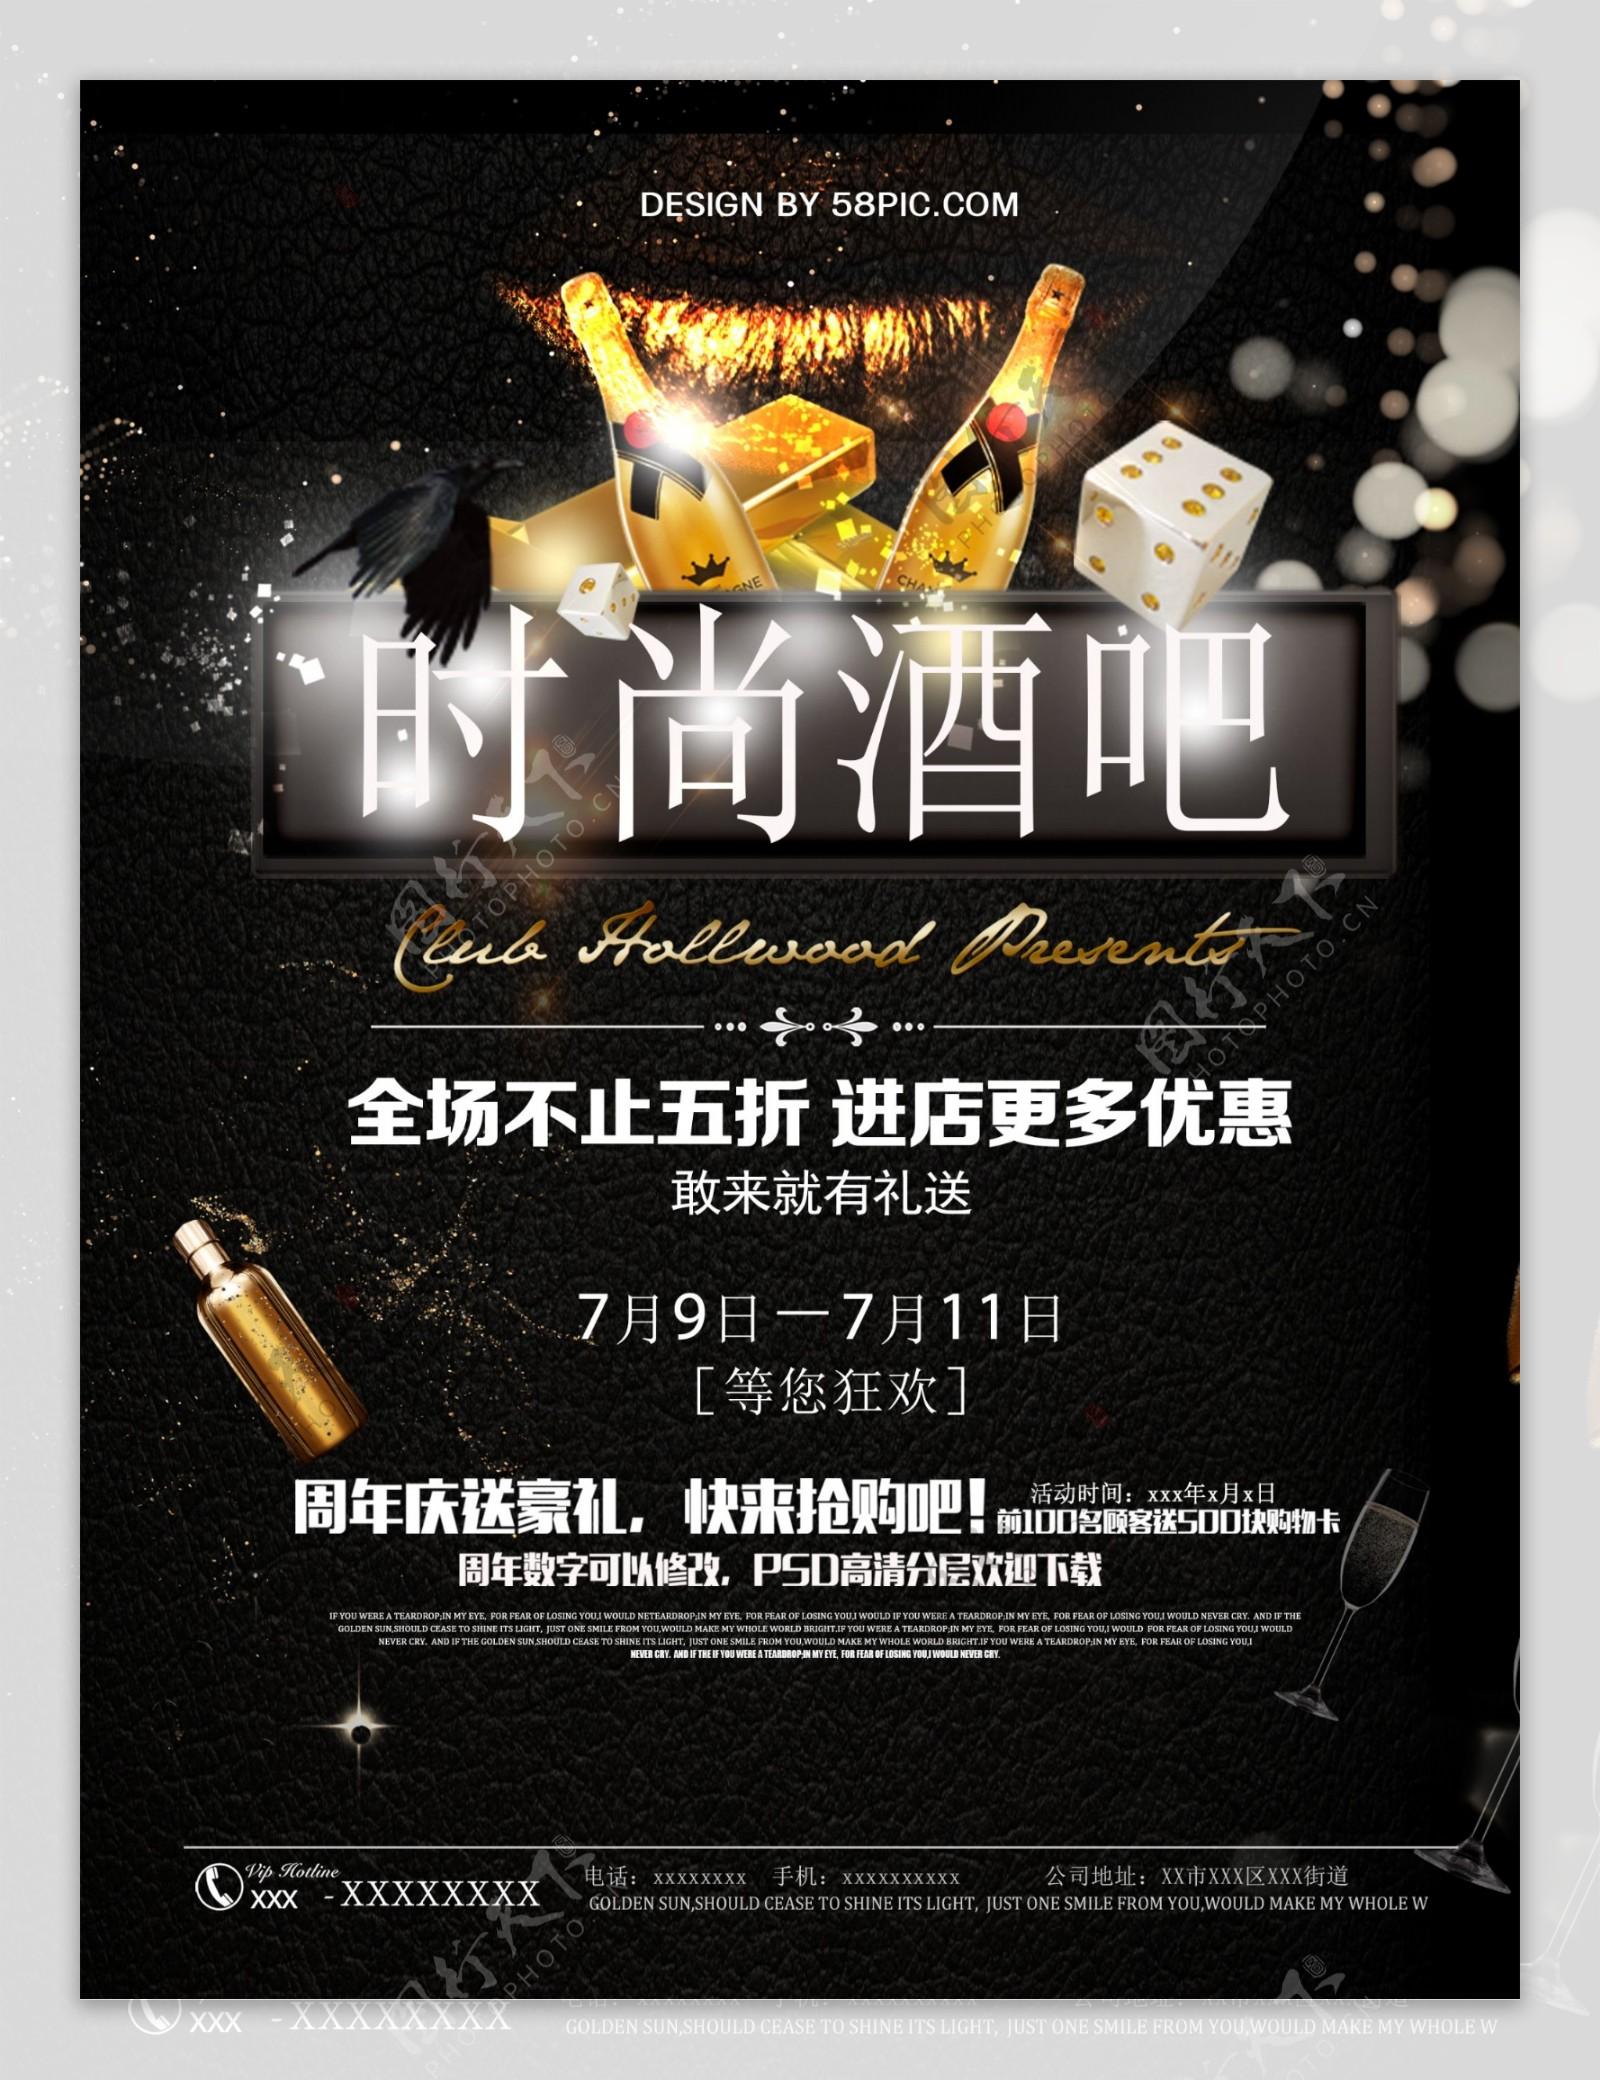 夜店音乐酒吧海报设计